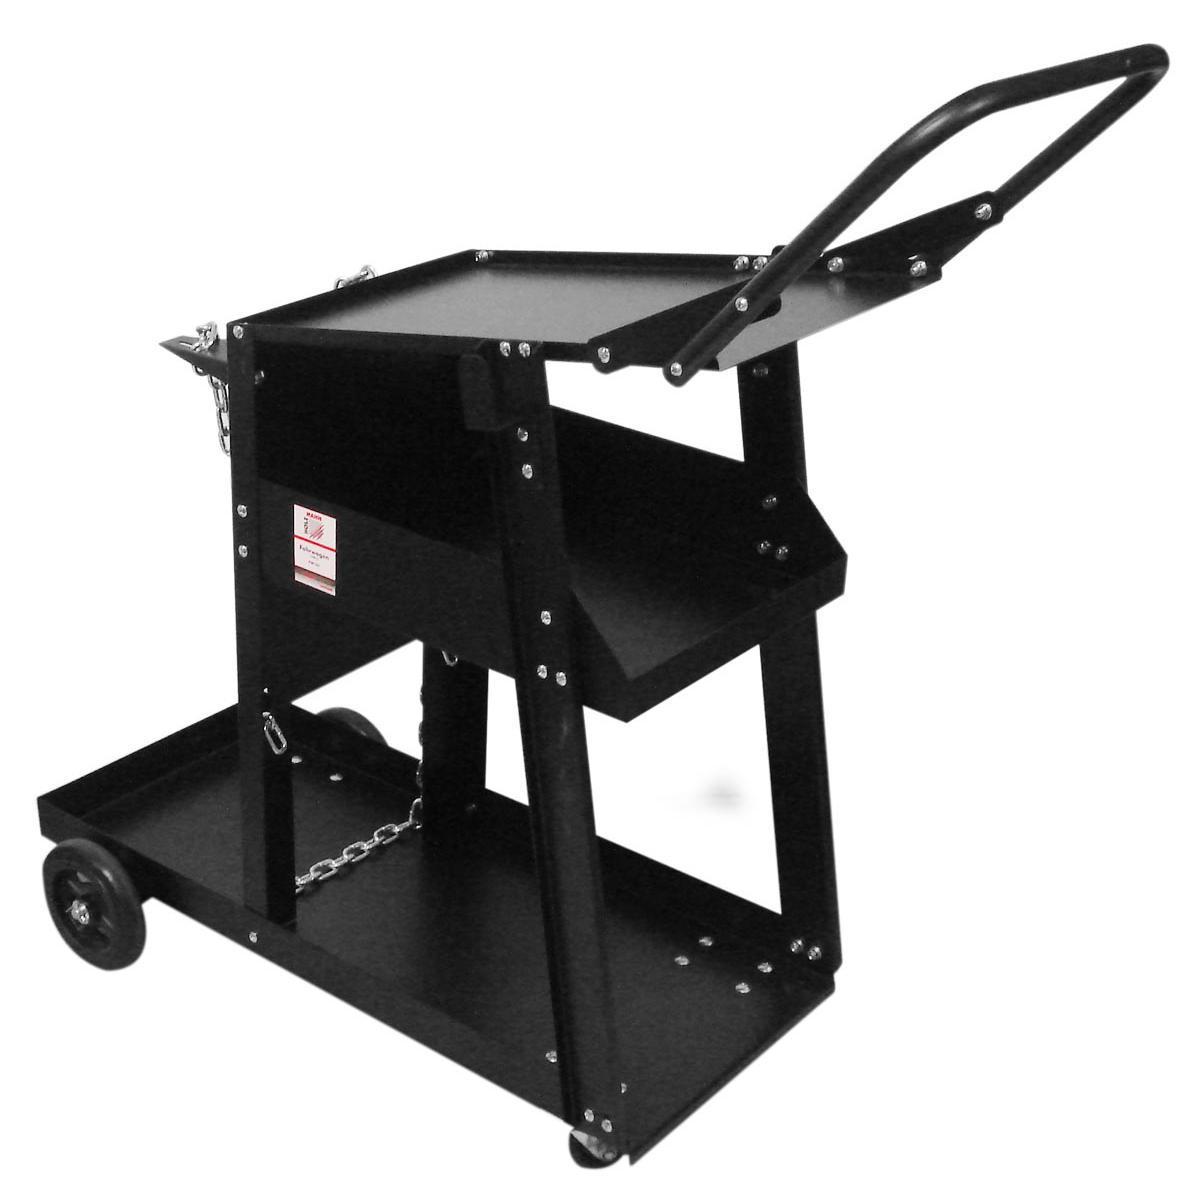 Transportní vozík pro svářecí přístroj Holzmann FW101